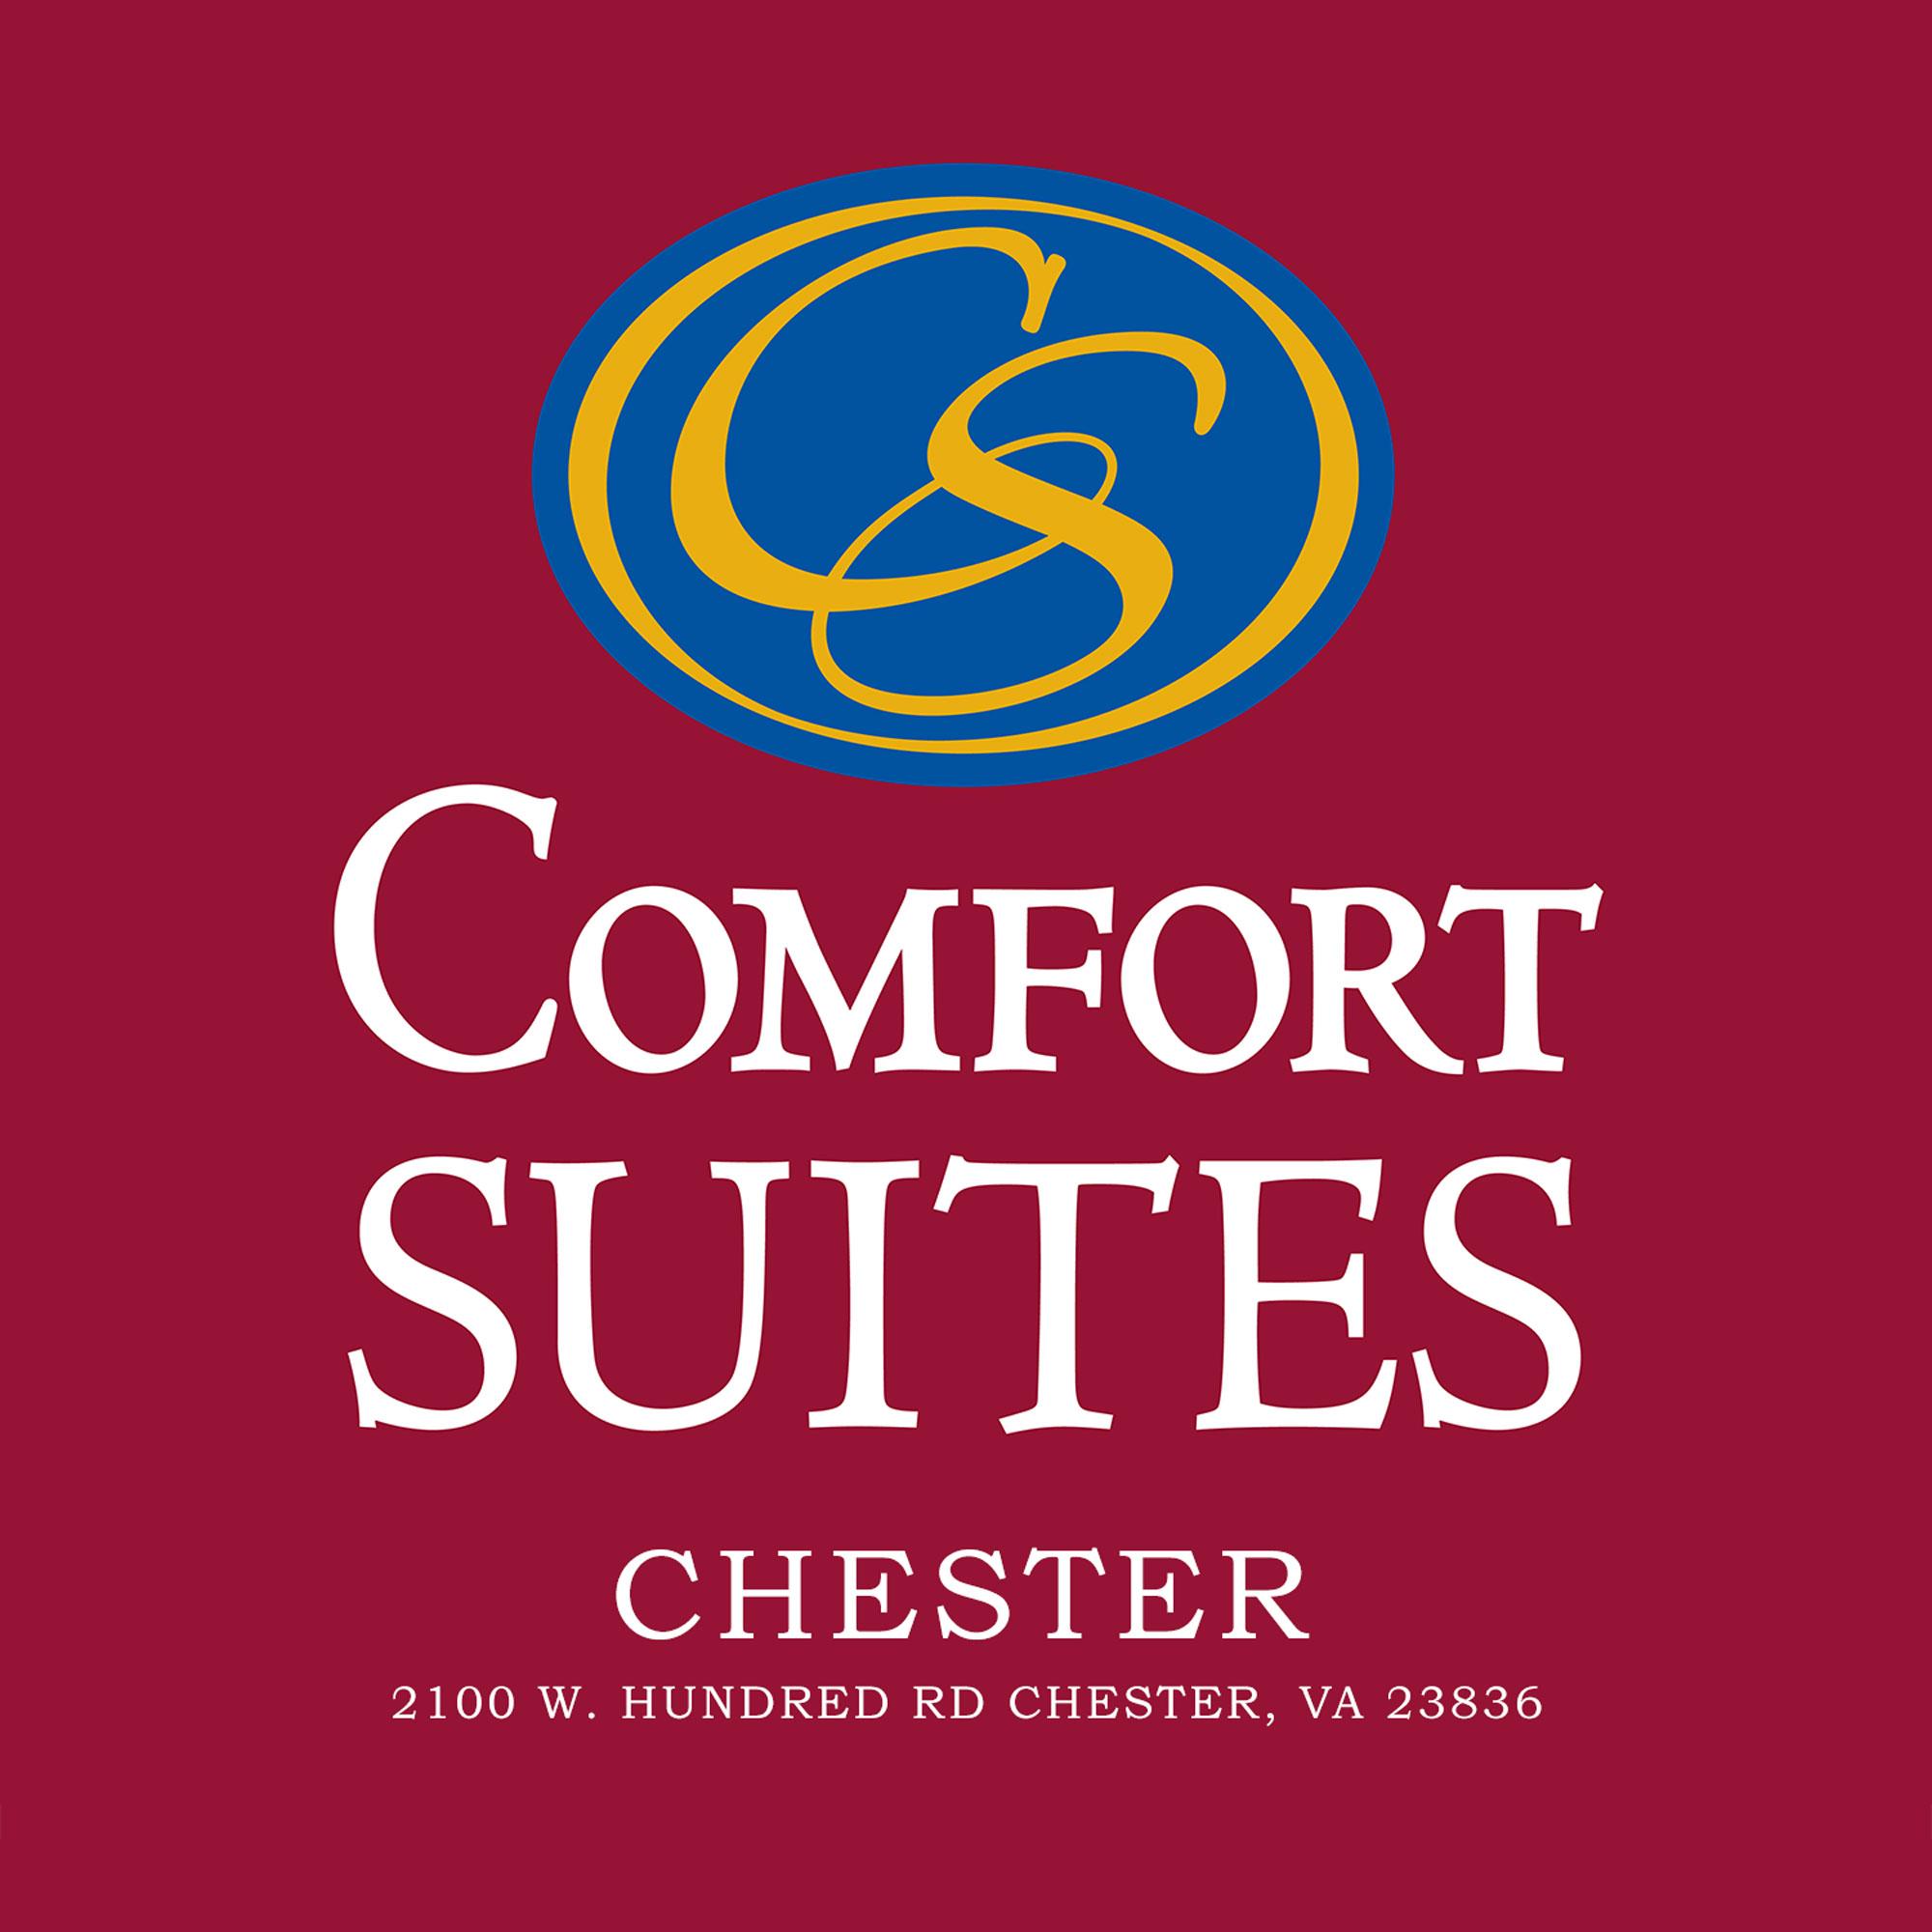 Comfort Inn Host Hotel